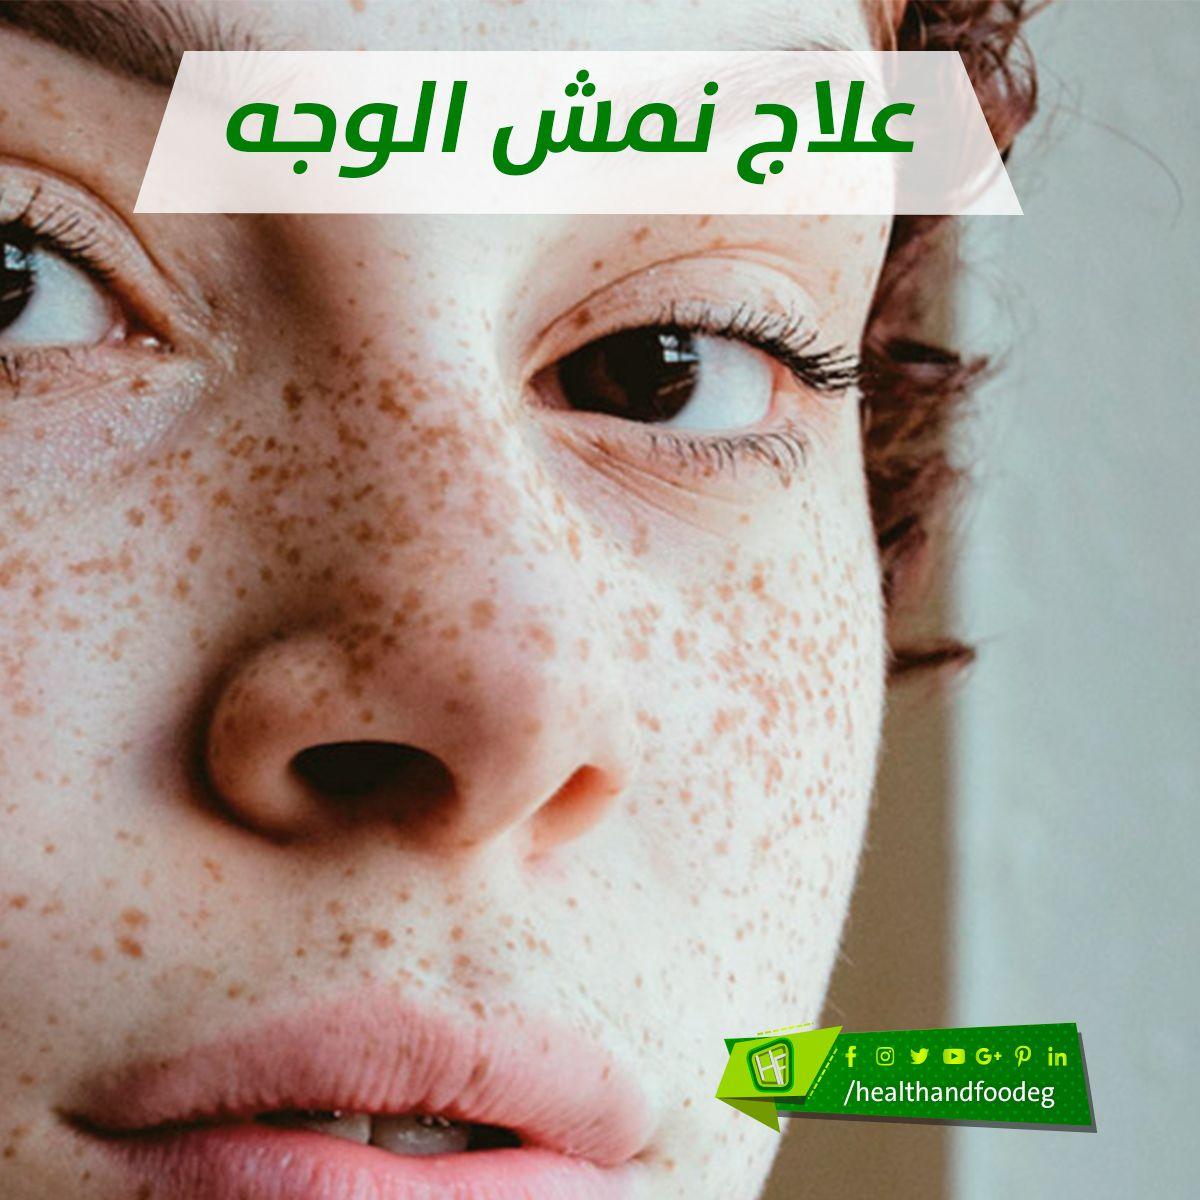 علاج نمش الوجه Movie Posters Poster Movies